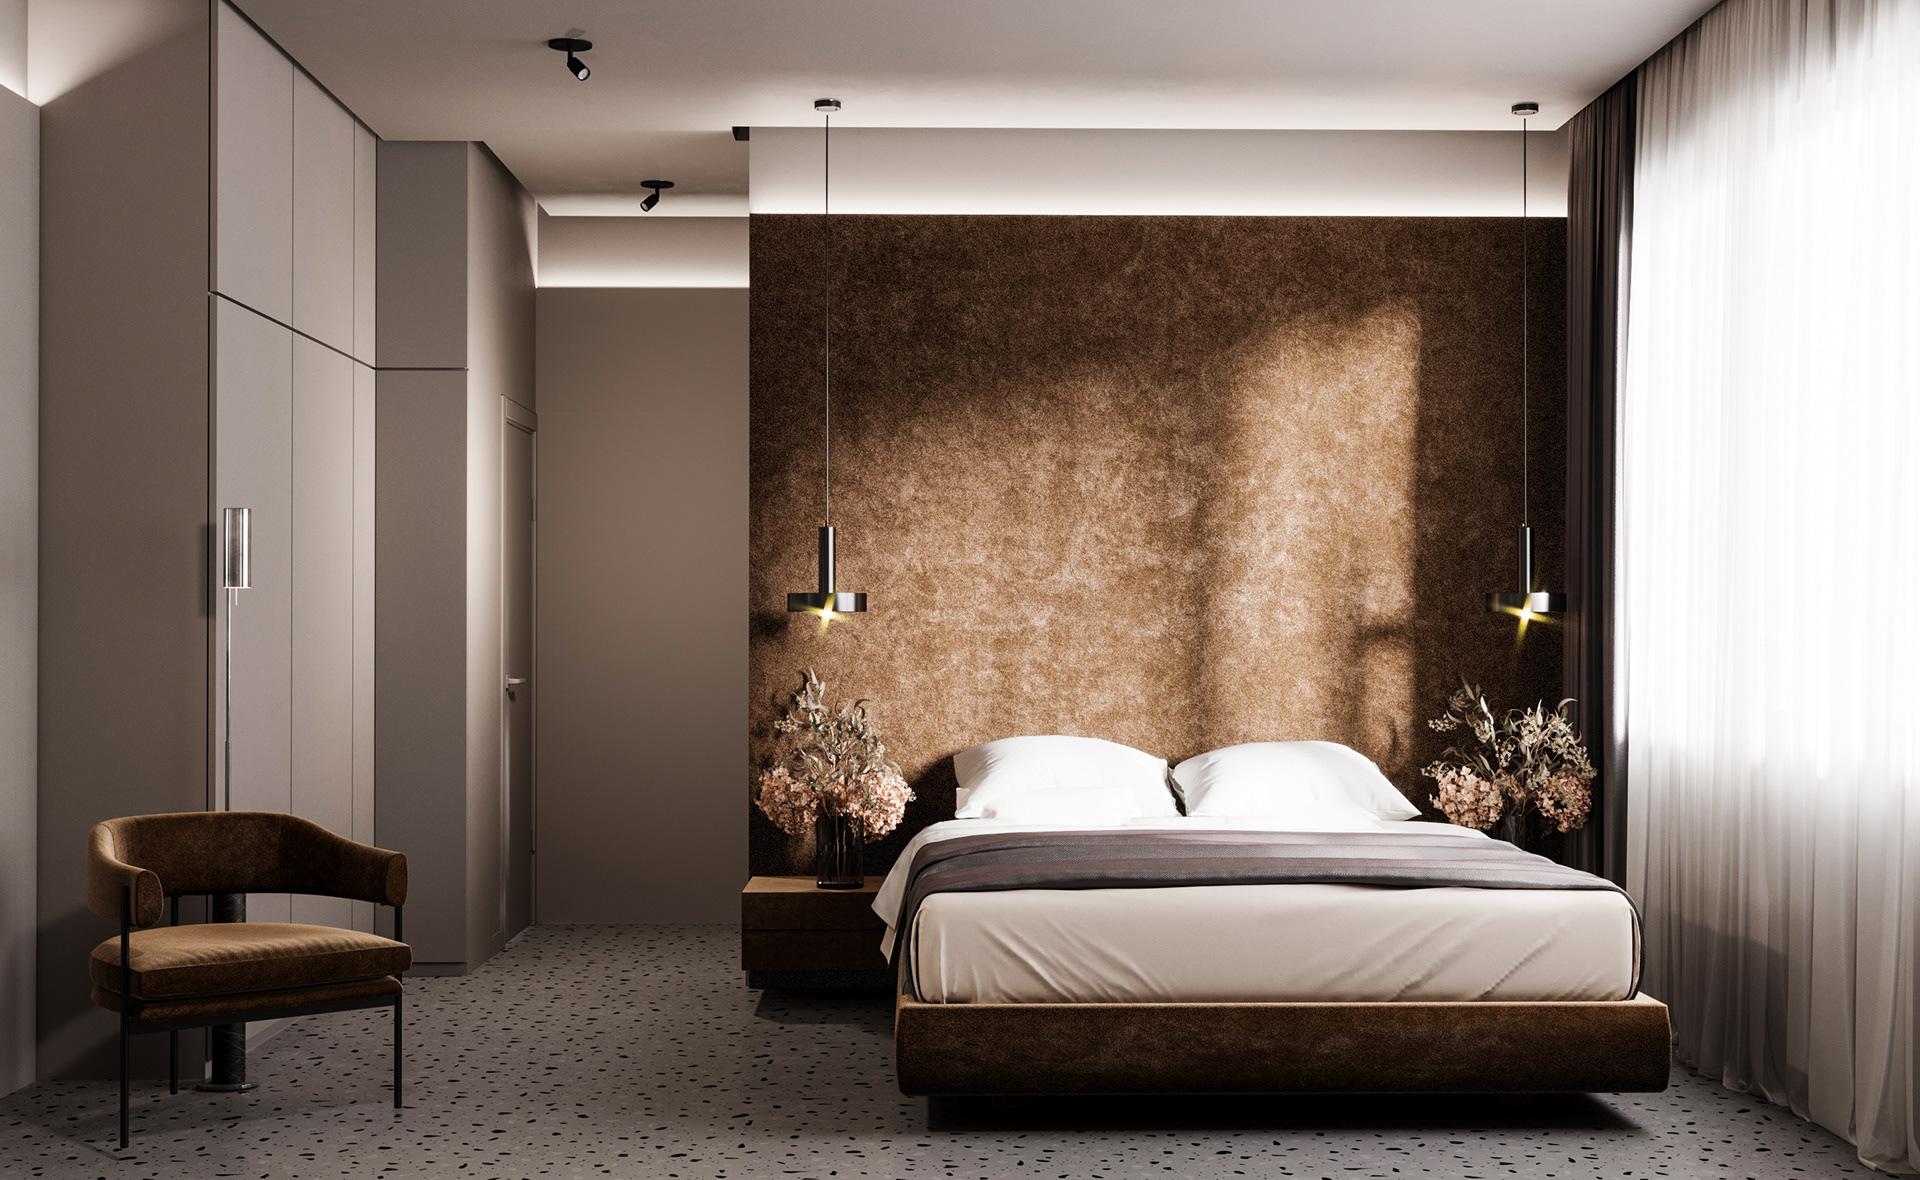 Căn phòng với tông màu trầm, đón ánh sáng tự nhiên dịu nhẹ